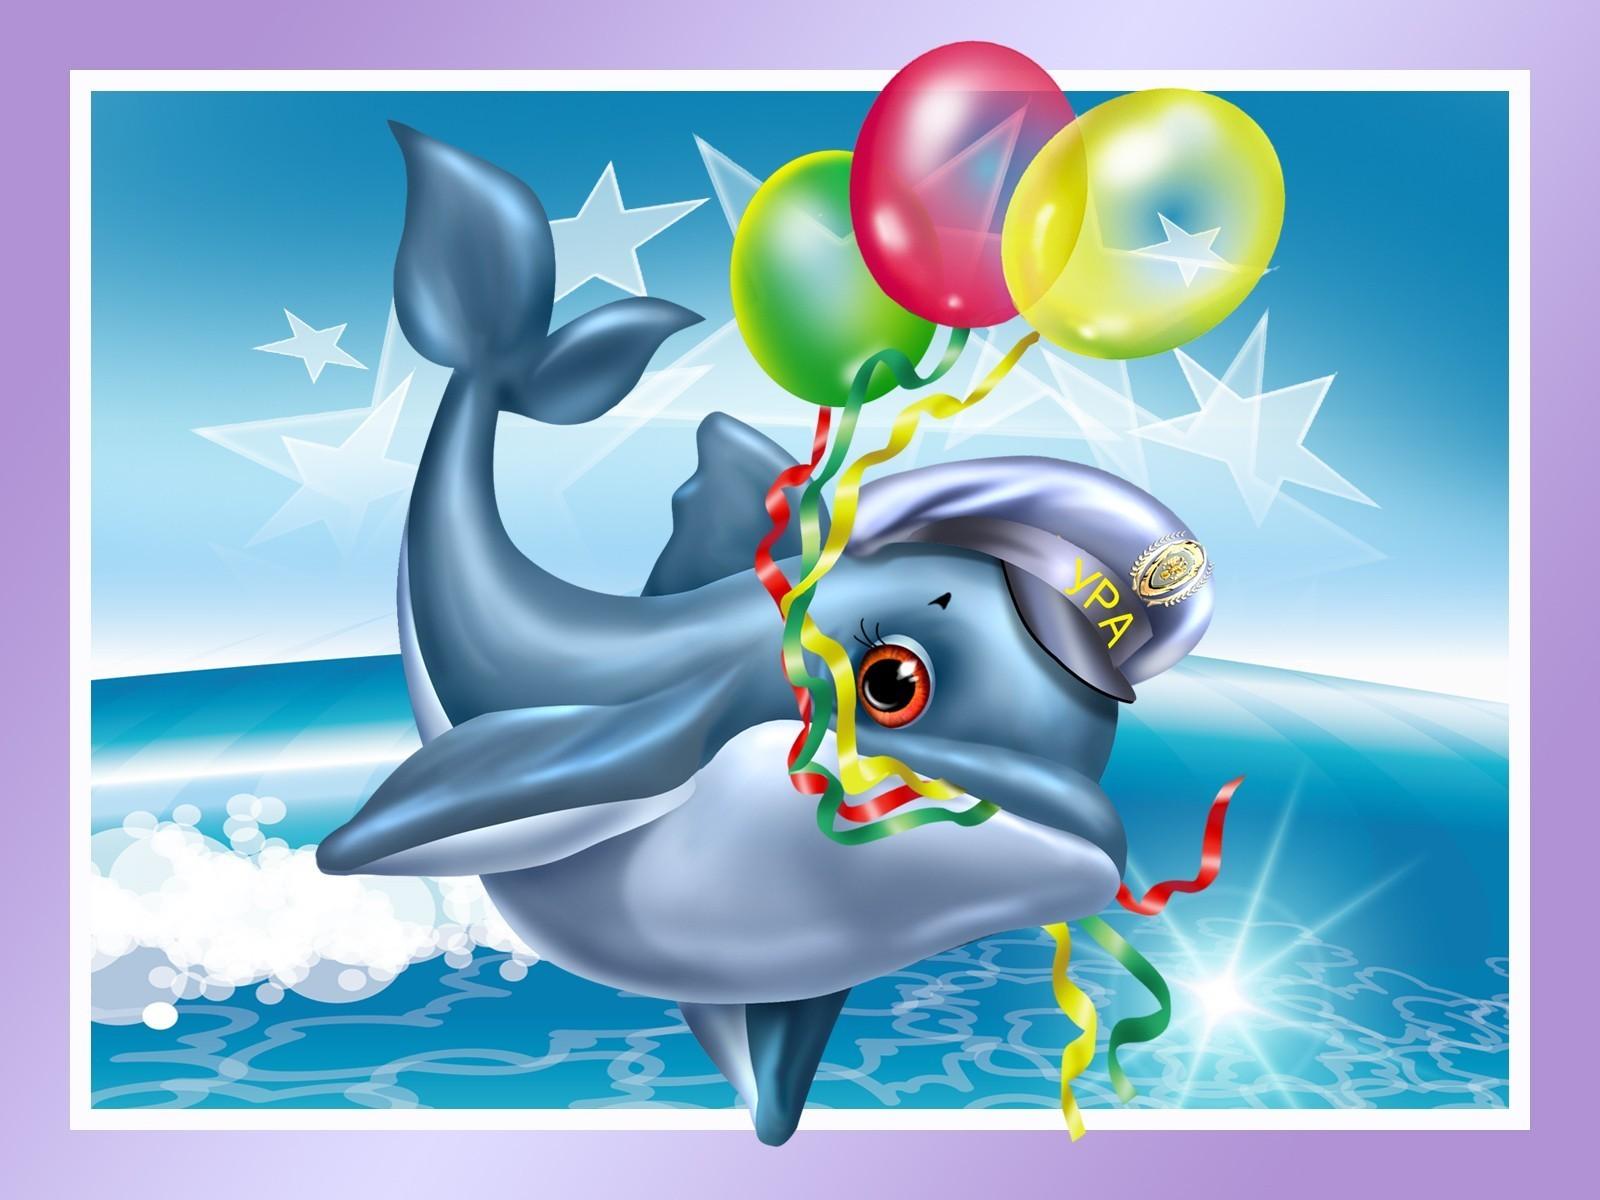 Дельфин смешная картинка, выходных картинки красивые